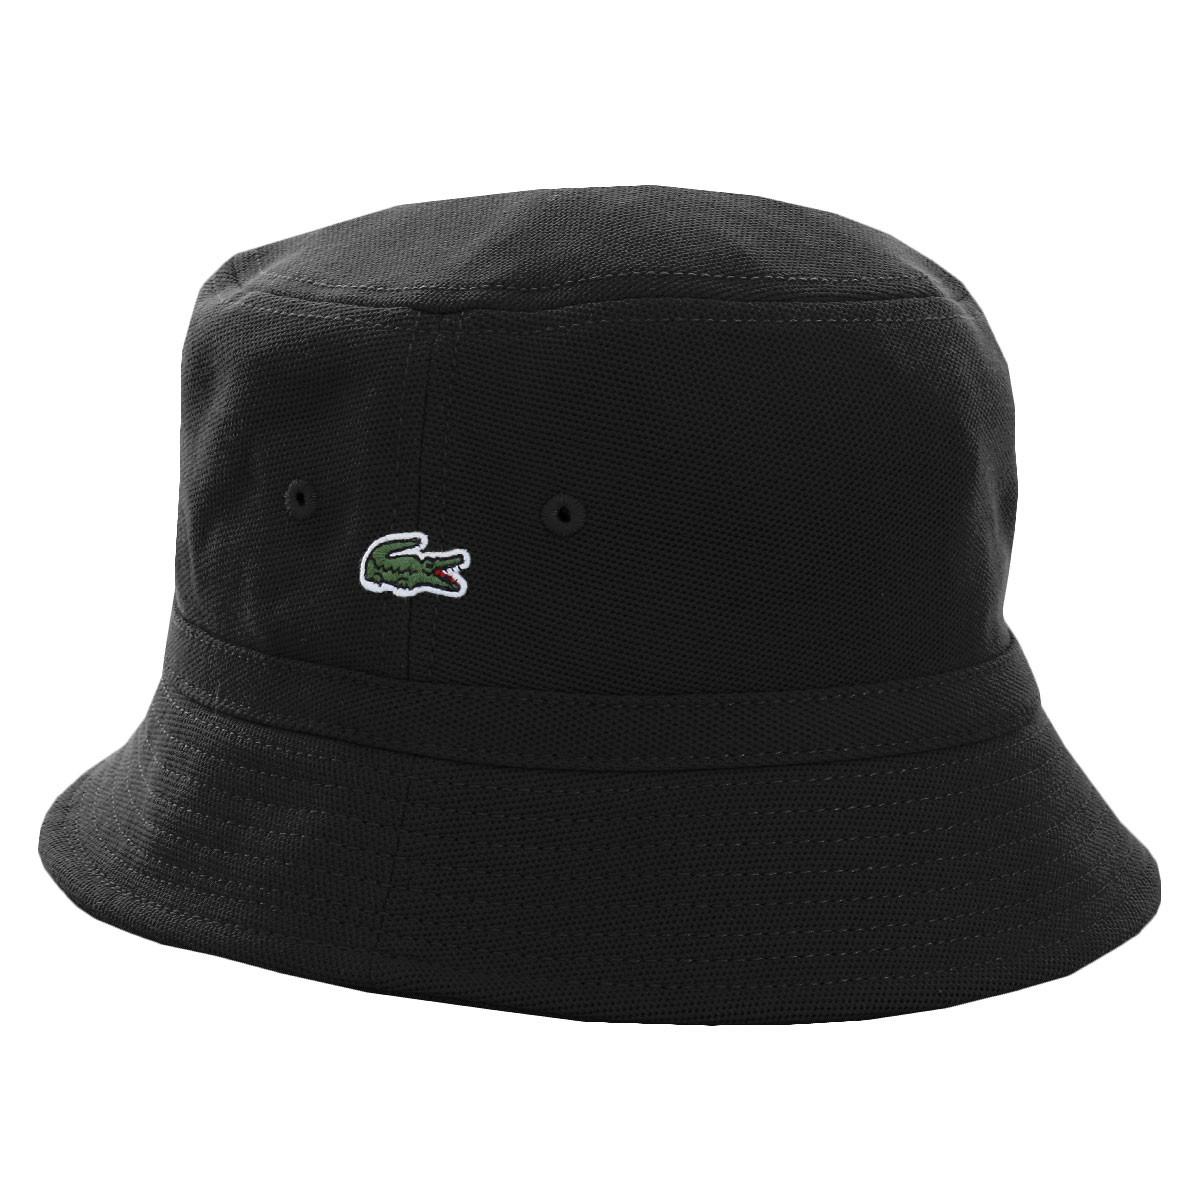 Lacoste Mens 2019 RK8490 Cotton Pique Bucket Hat 896505a92c0